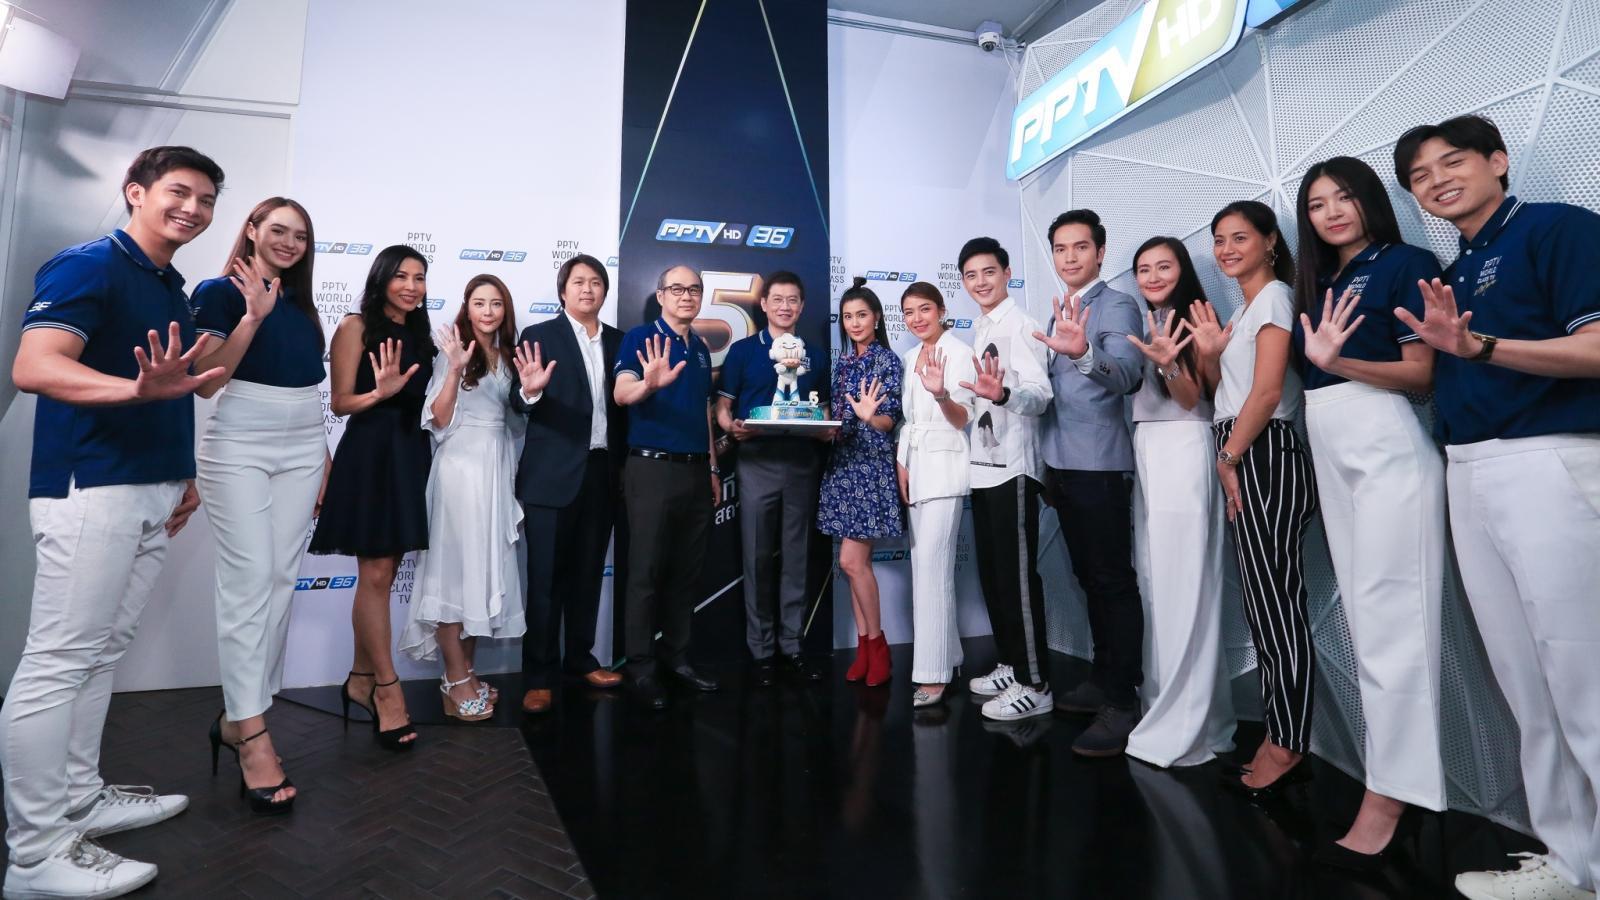 ครบรอบวันเกิด PPTV HD 36 ก้าวเข้าสู่ปีที่ 5